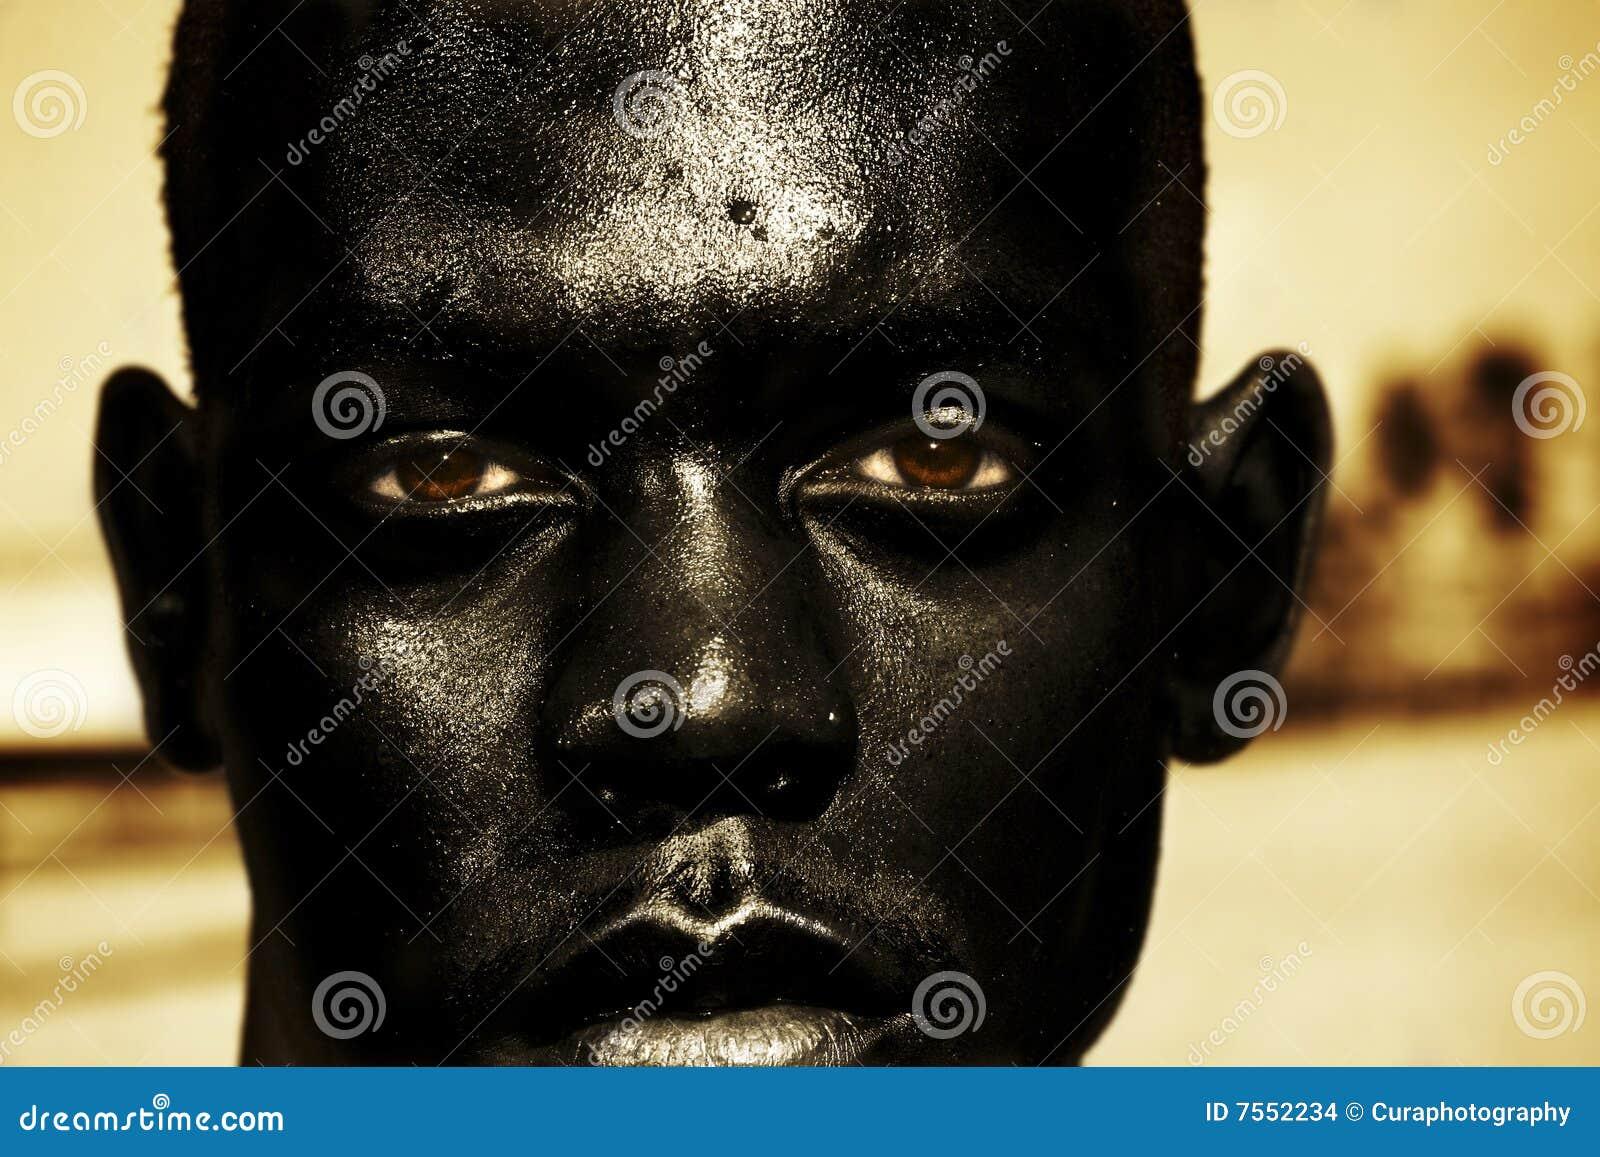 Download of 3gp videos of black skin  erotic toons